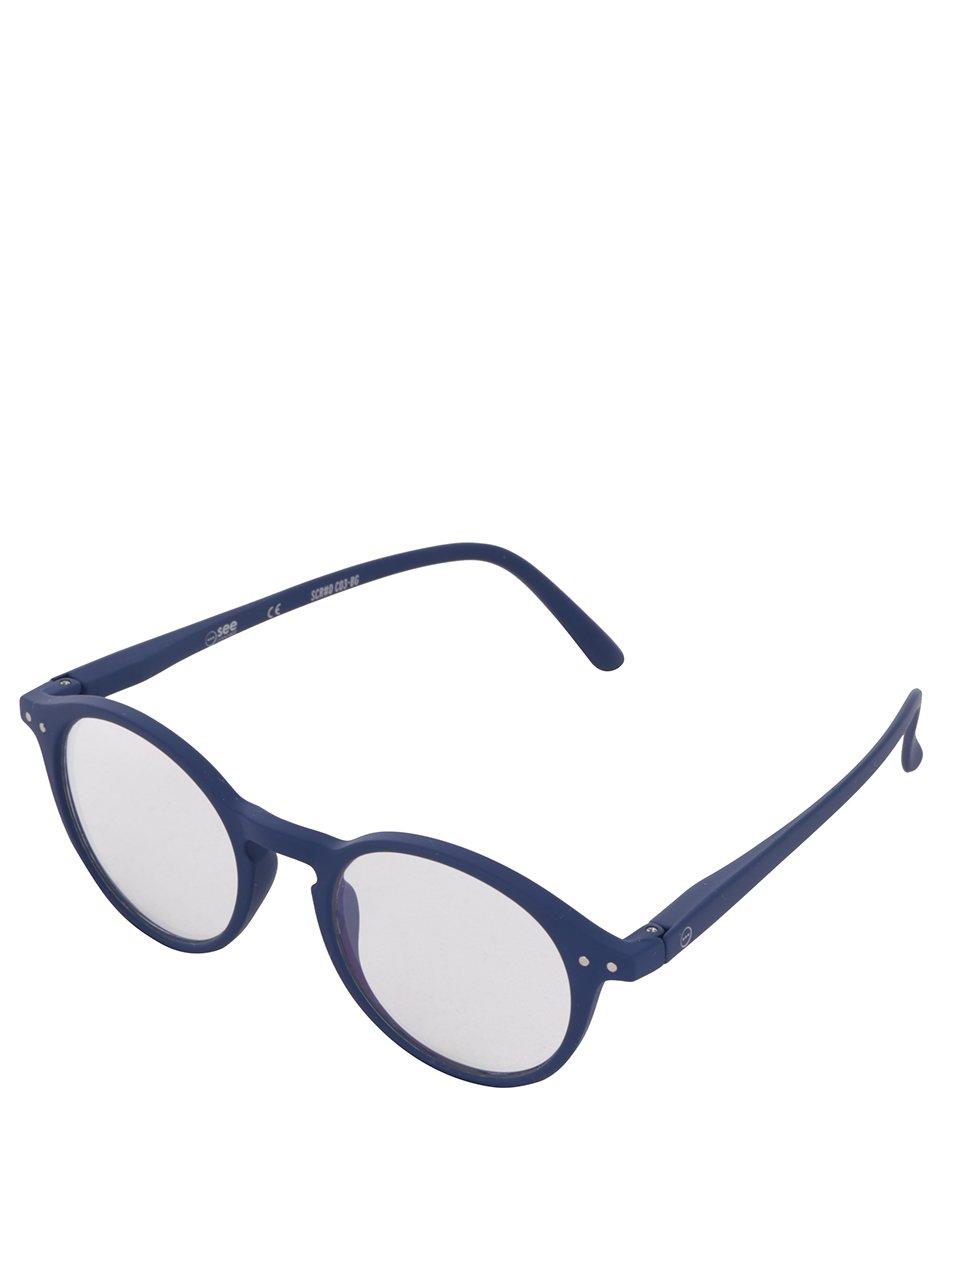 Modré unisex ochranné brýle k PC kulatého tvaru IZIPIZI #D